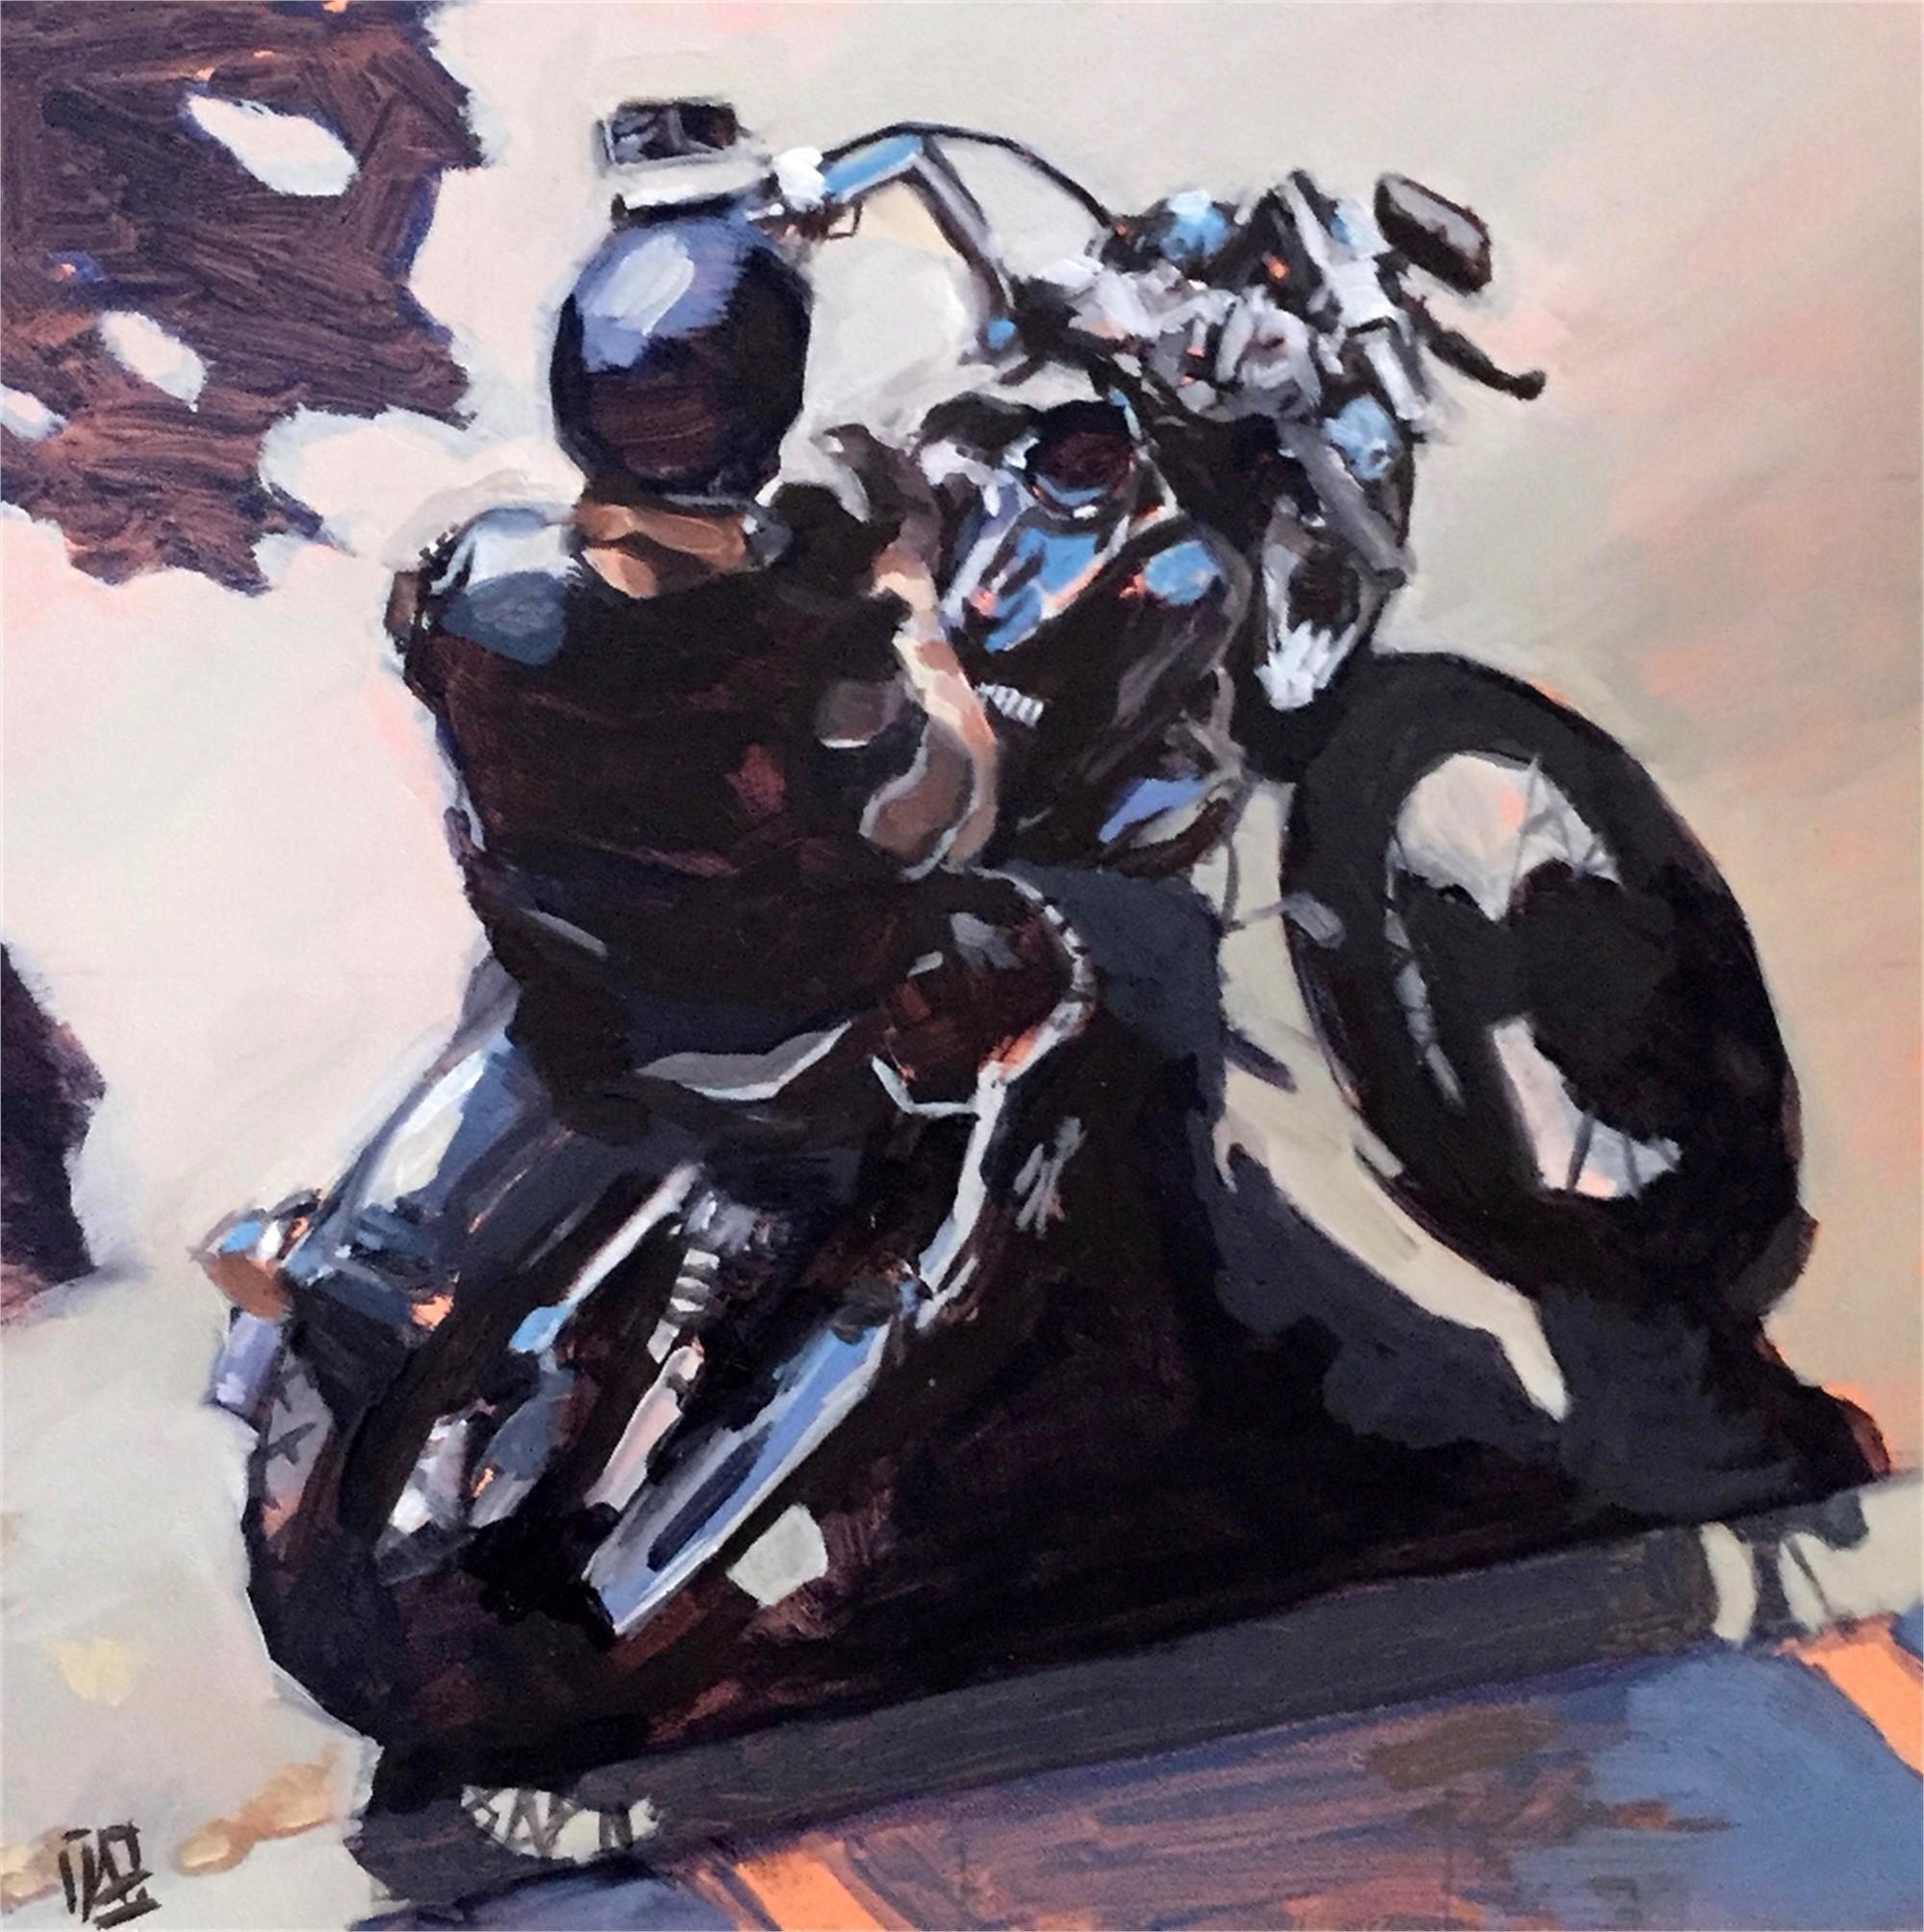 Motorcyle by Julie Larick